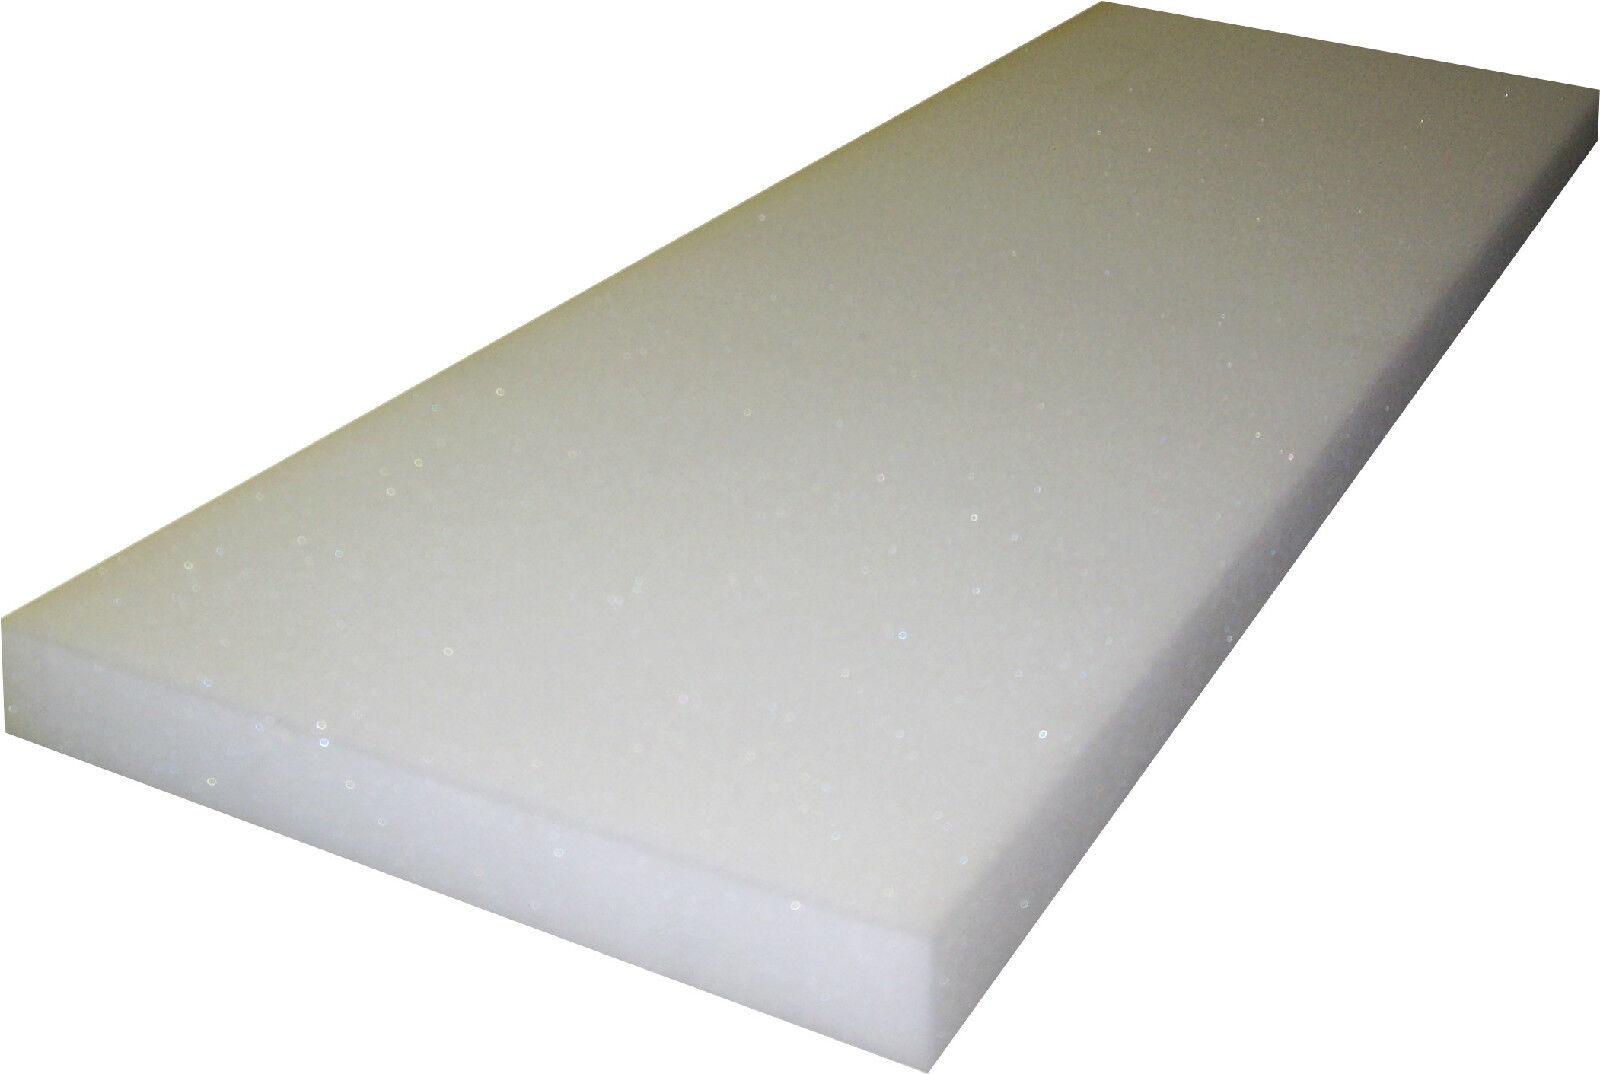 Schaumstoffplatte 25 Schaumstoff Schaumgummi 10 cm